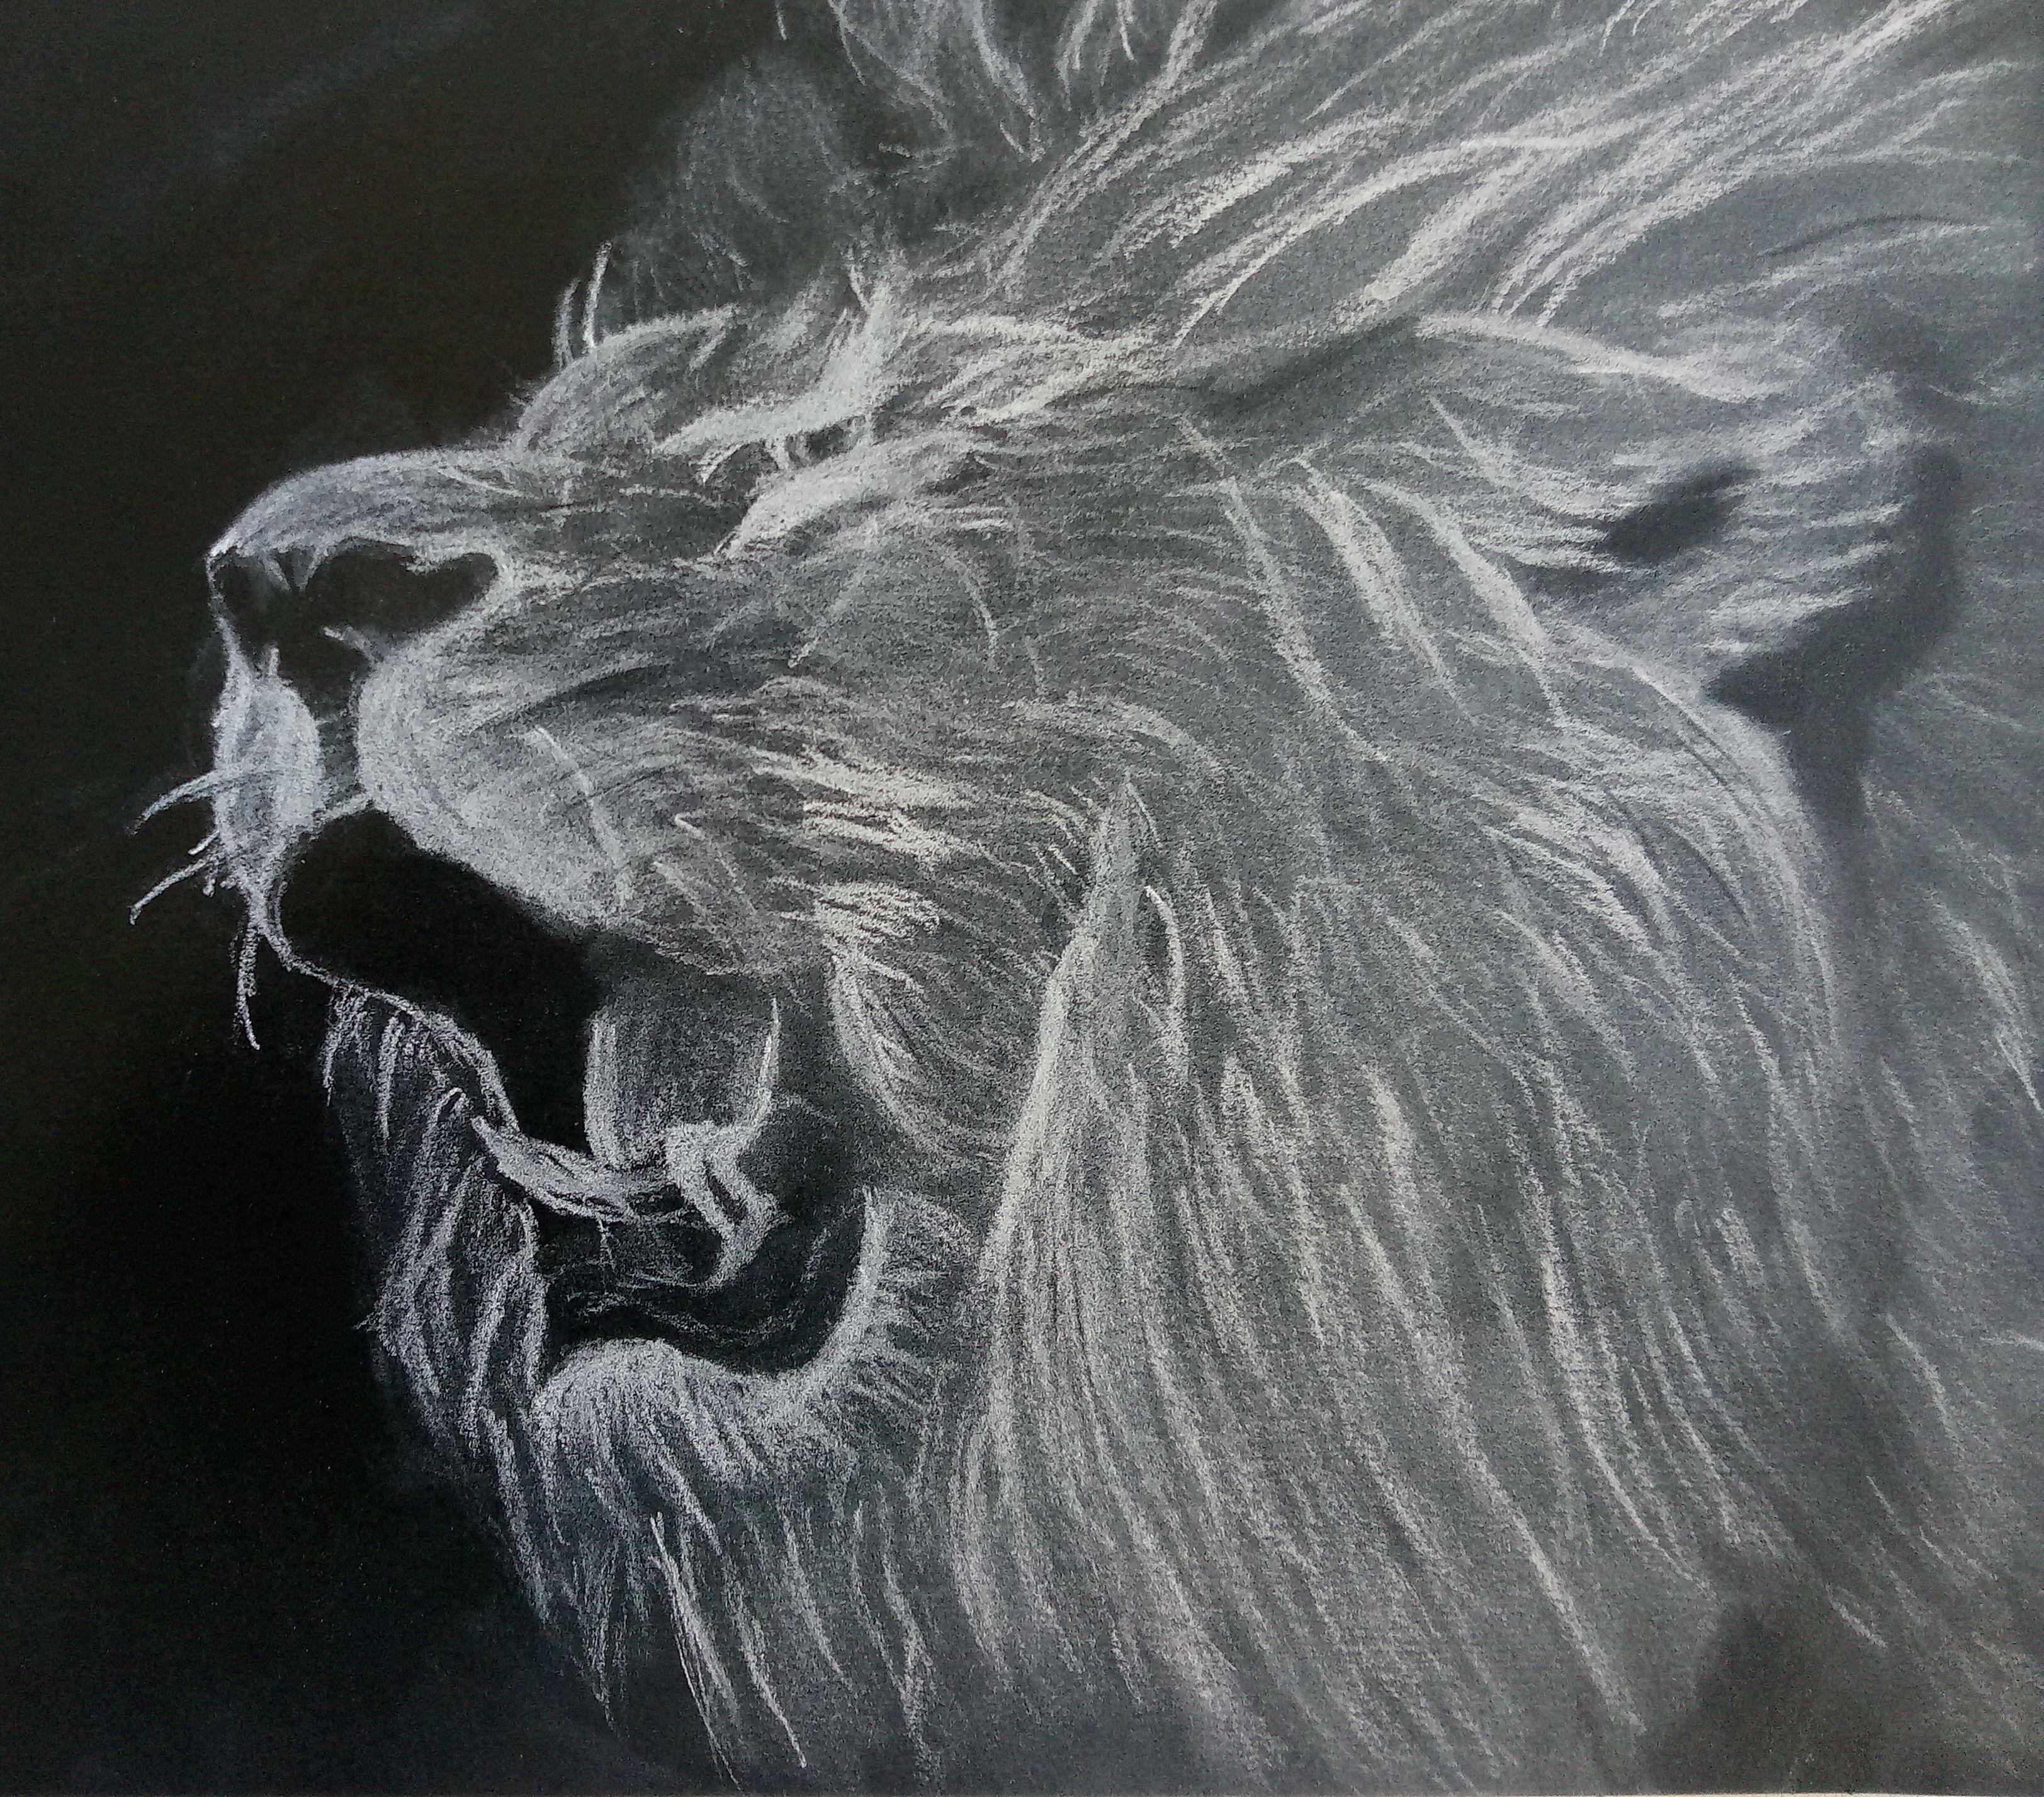 Pasztell rajzok - hogy mit nem lehet alkotni egy darab fekete lappal és egy  fehér pasztell 32c0a1ed01